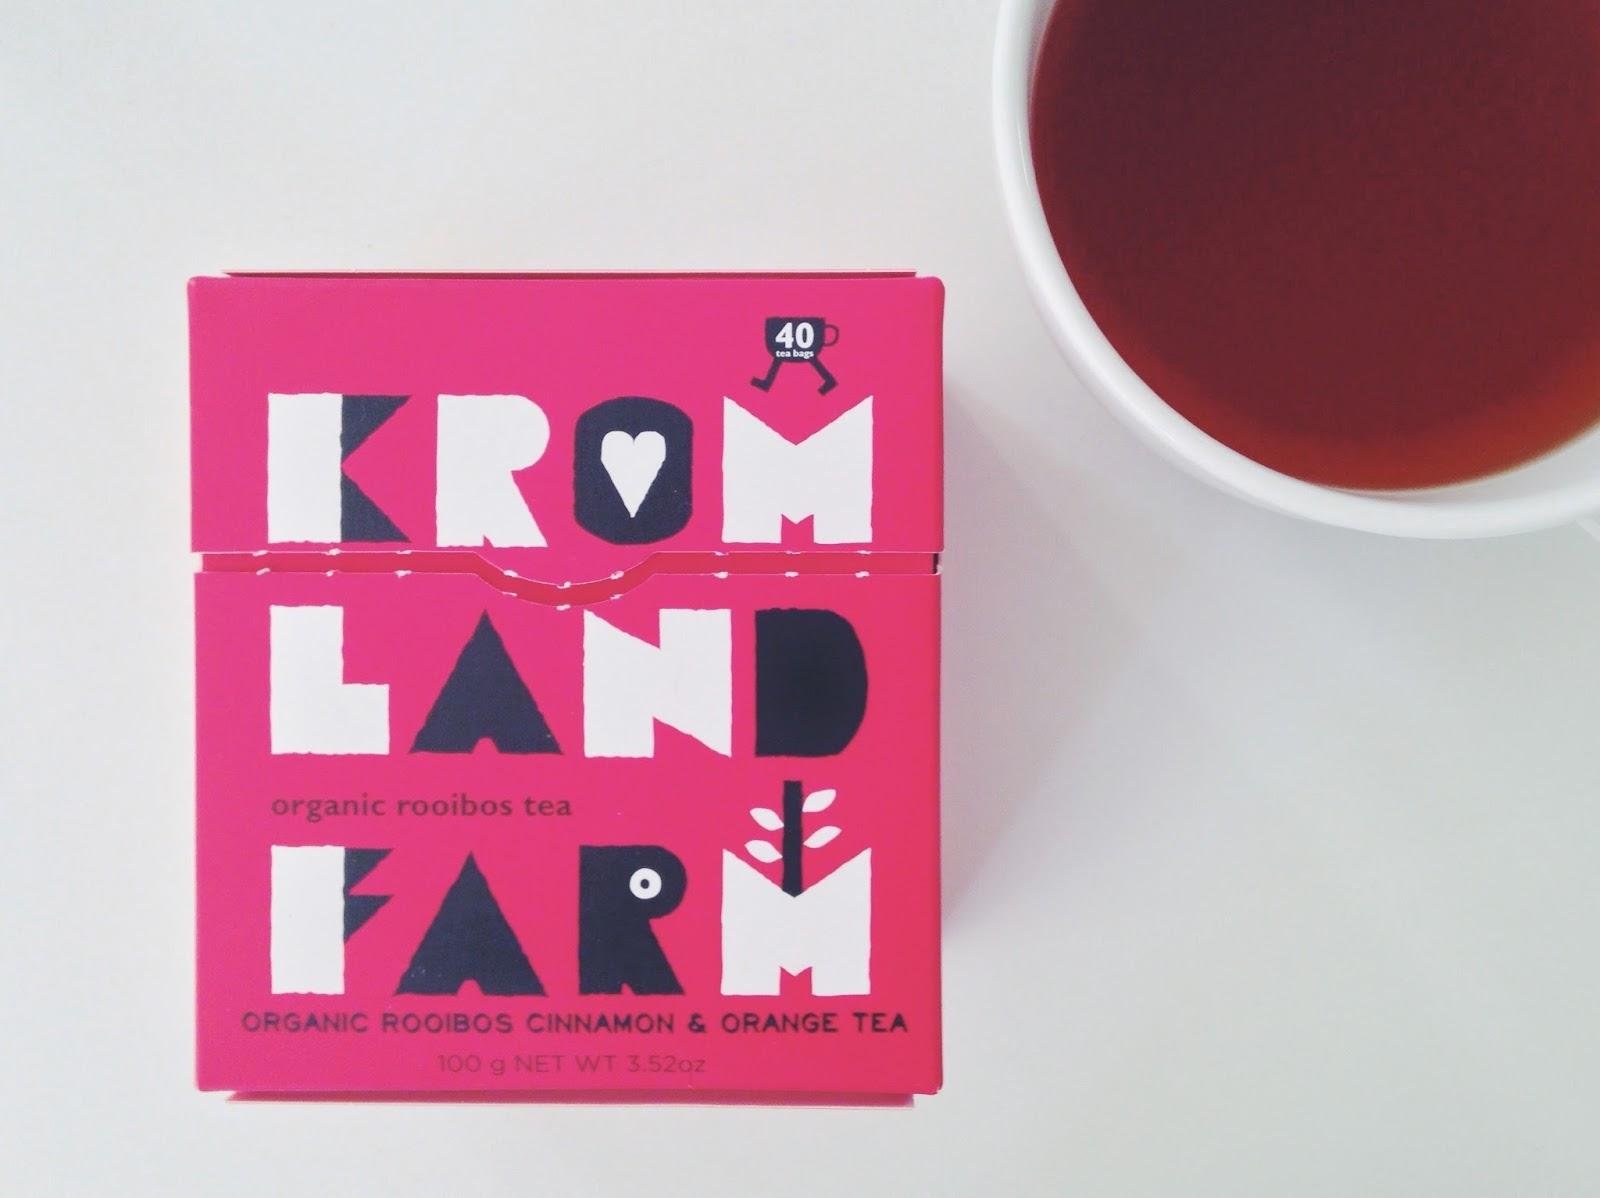 Caffeine free black tea - Kromland Farm organic rooibos tea